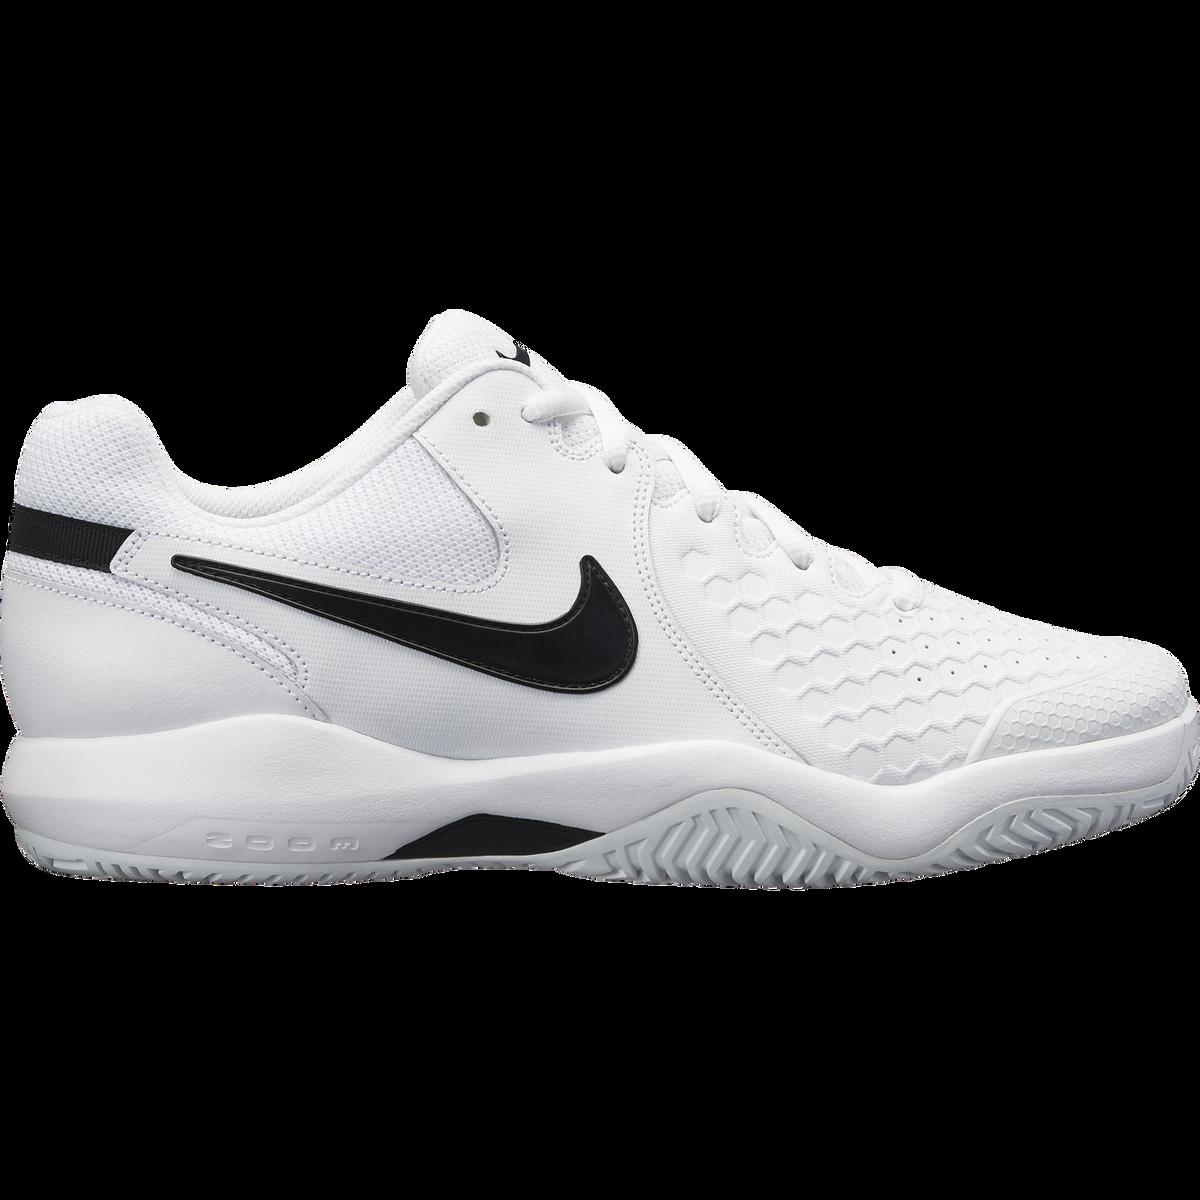 872d56dc2673 Images. Nike Air Zoom Resistance Men  39 s Tennis Shoe - White Black